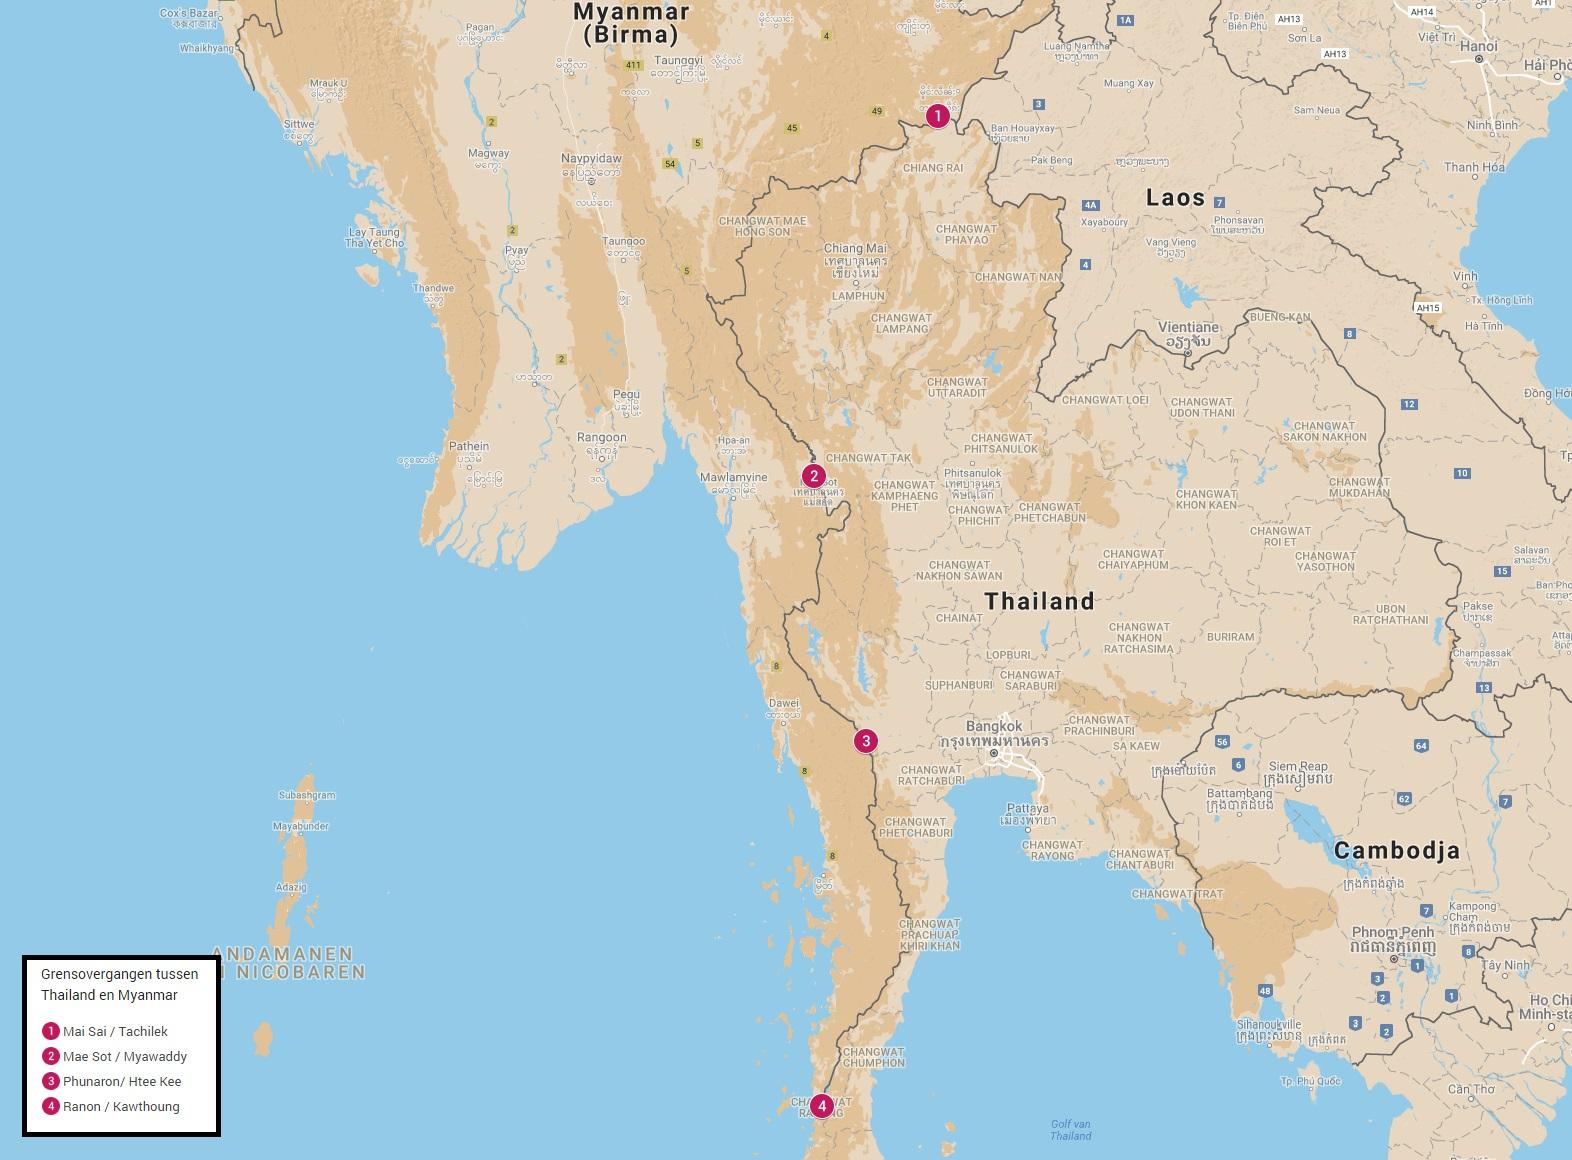 Grensovergangen tussen Thailand en Myanmar